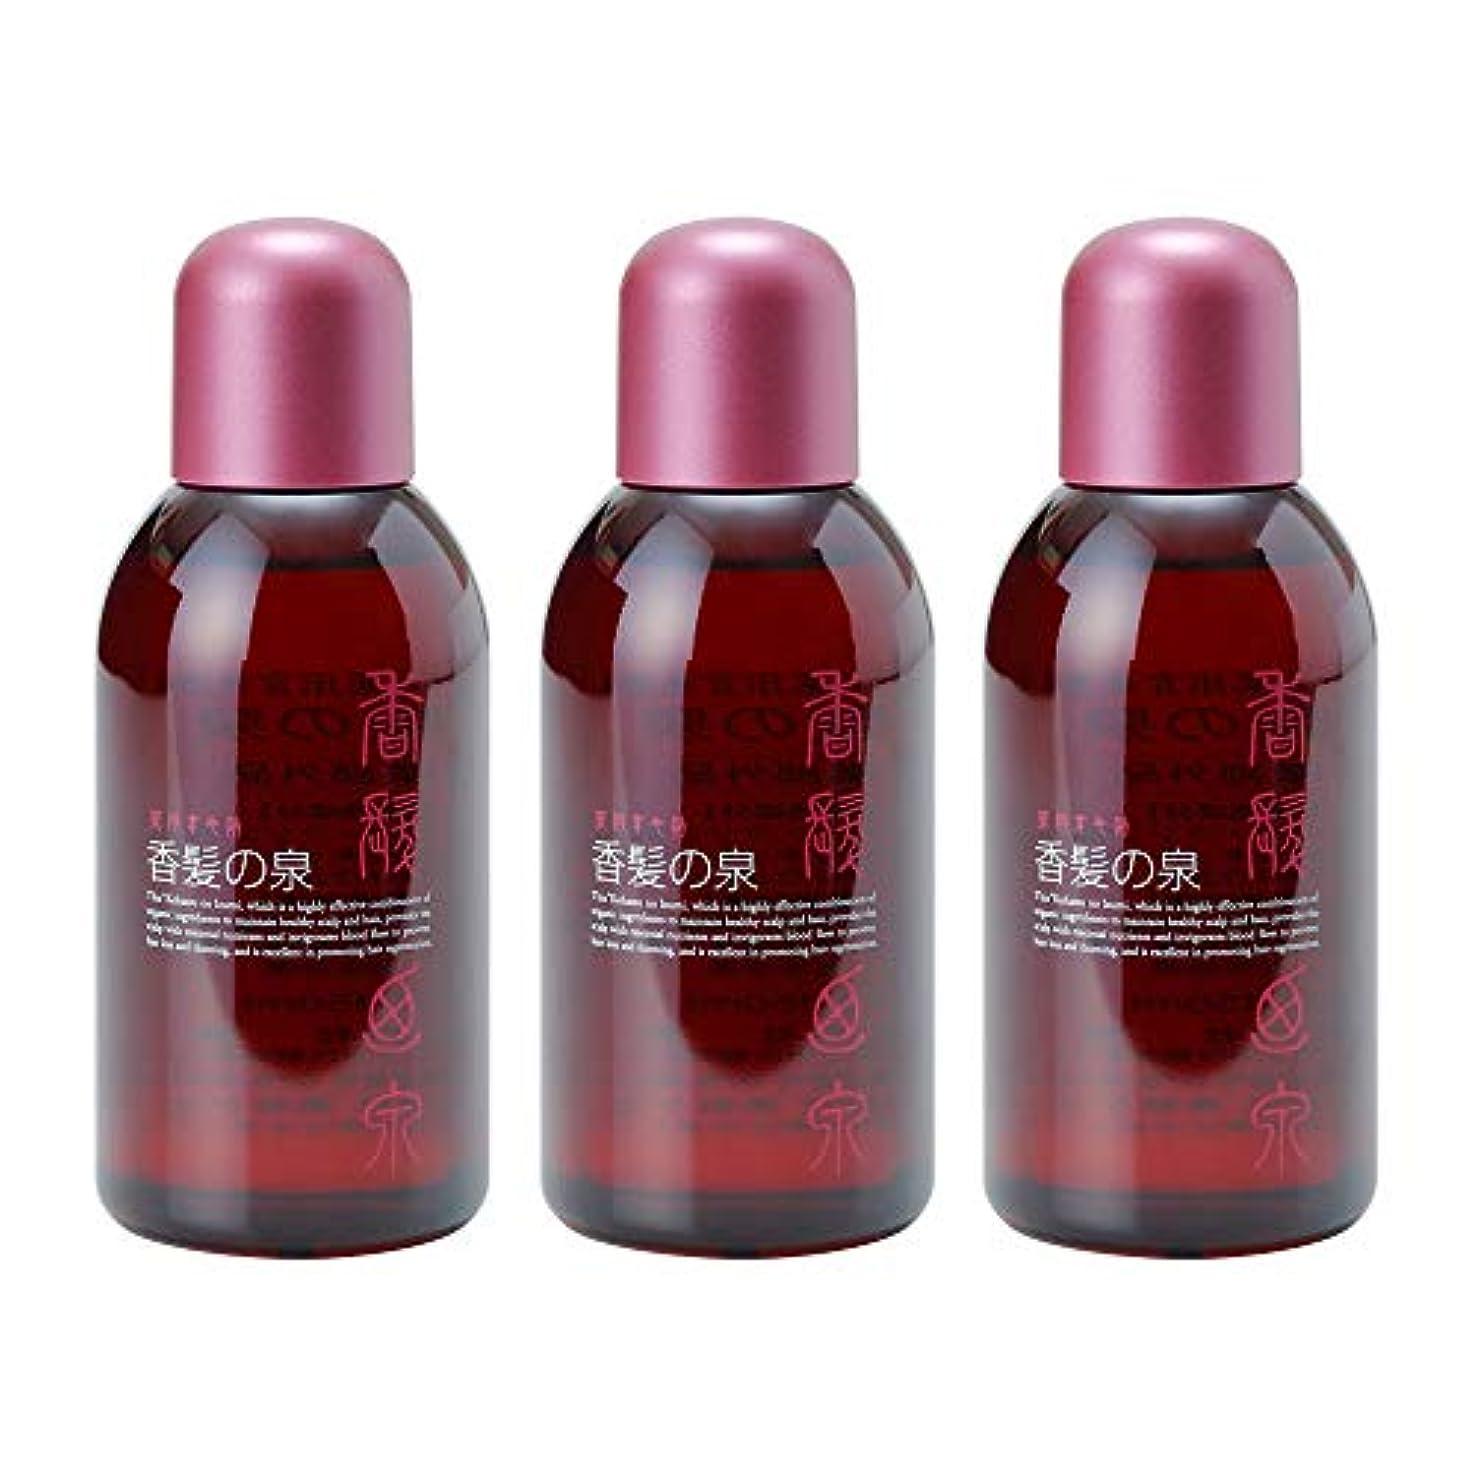 砂漠磁石悲観的アミノン 薬用育毛剤 香髪の泉 150mL (3本セット)